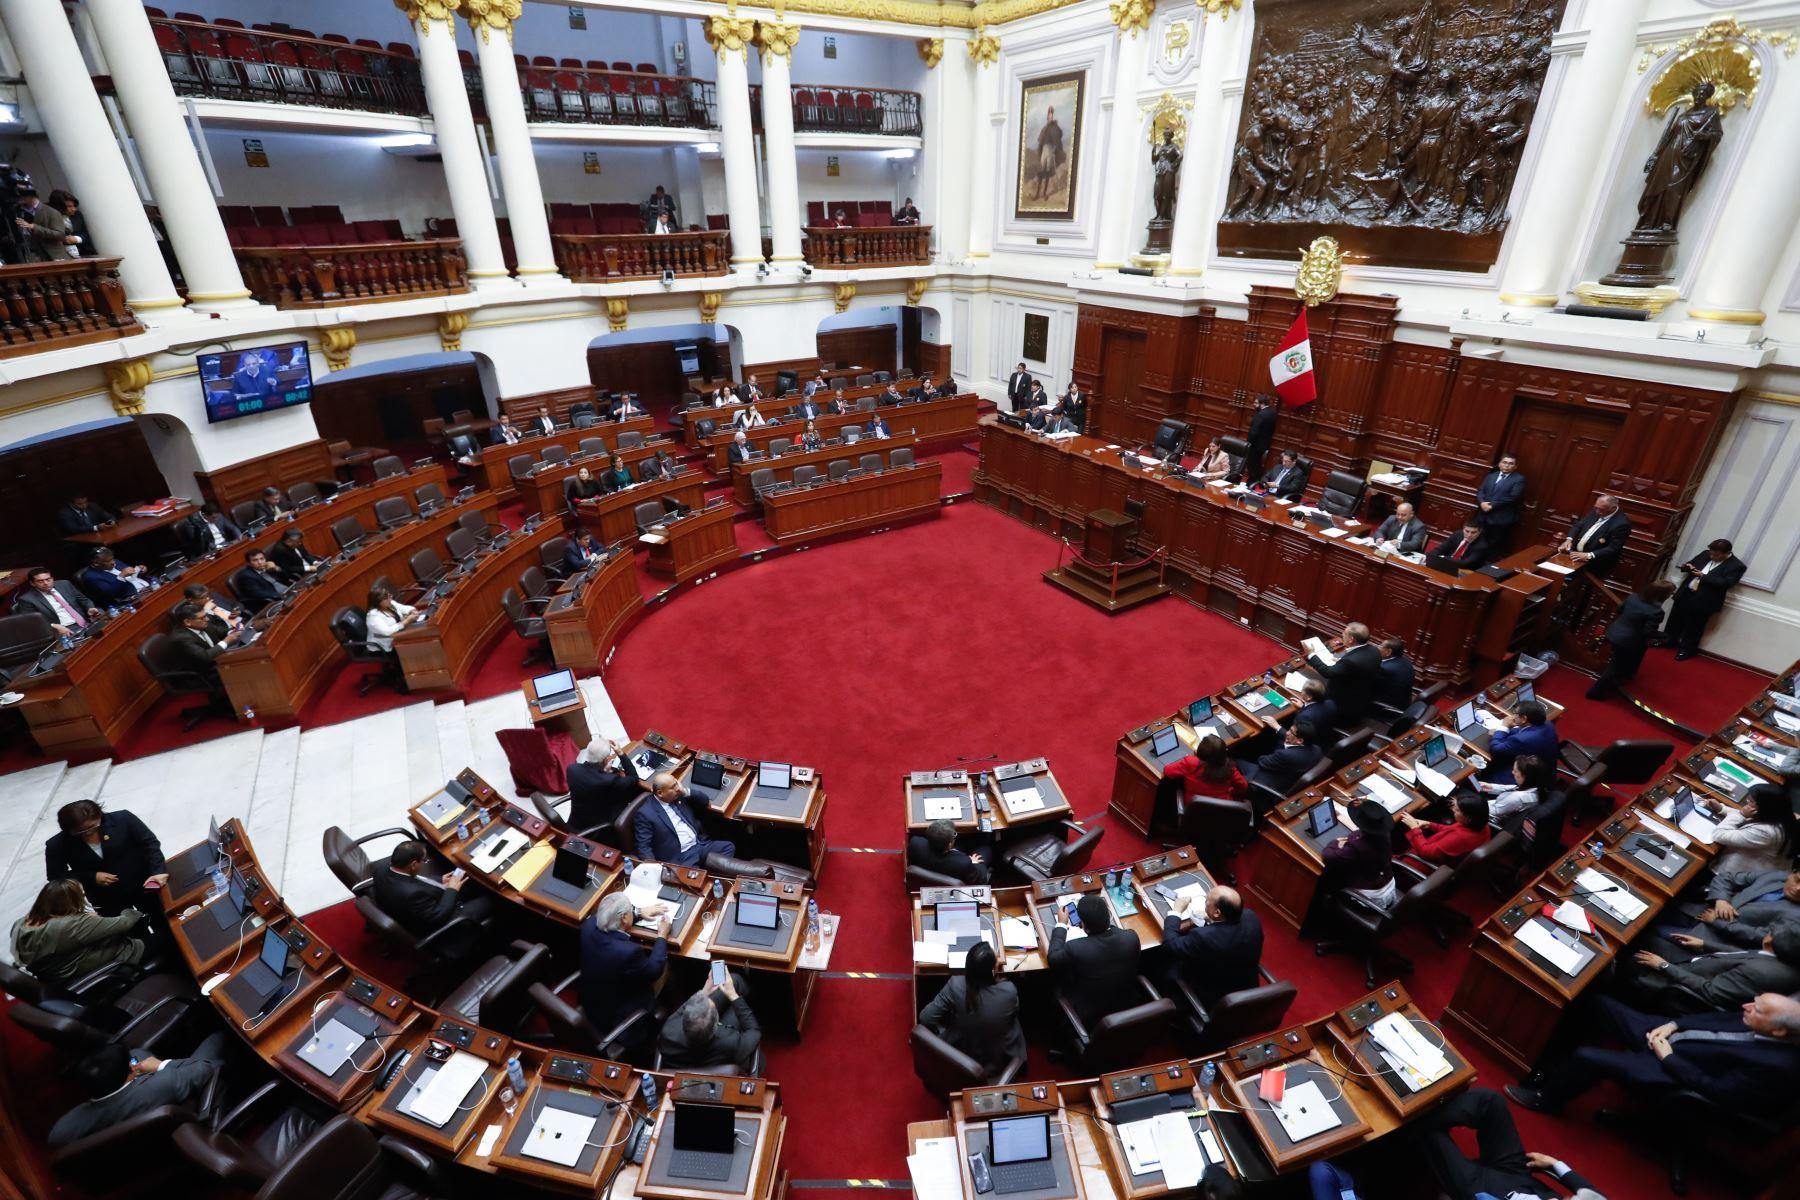 congreso-ratifico-reforma-para-impedir-postulacion-de-sentenciados-a-cargos-publicos